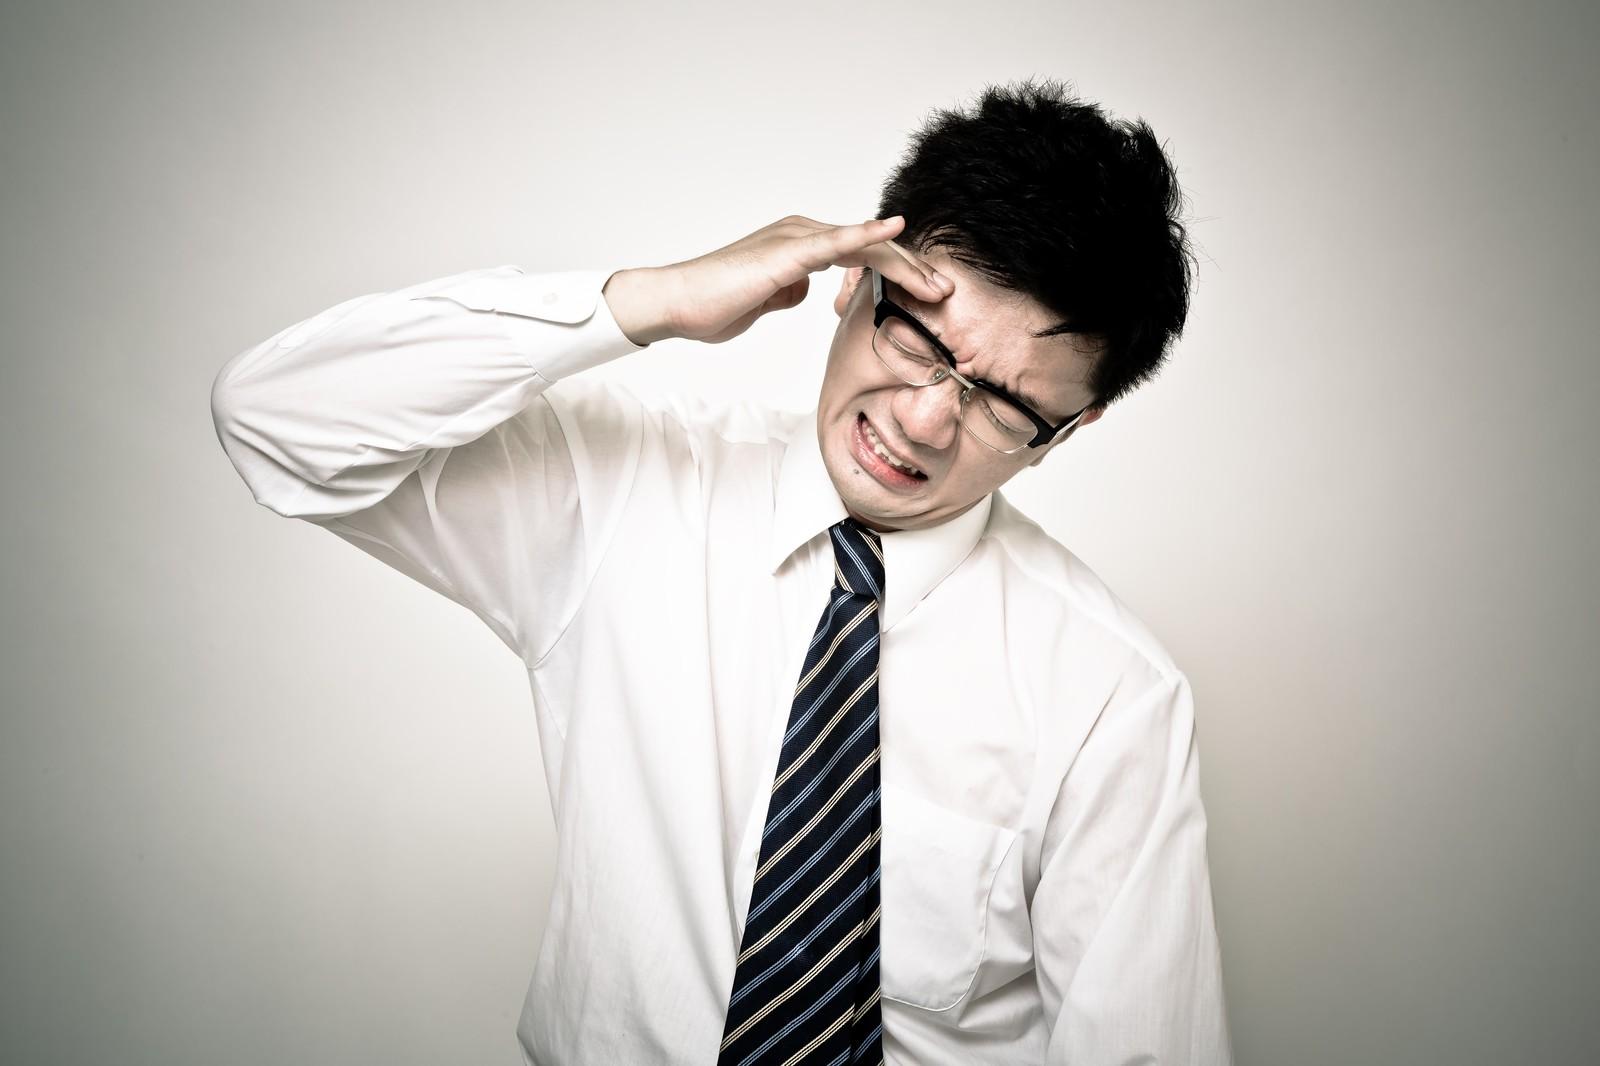 頭痛に悩まされる男性